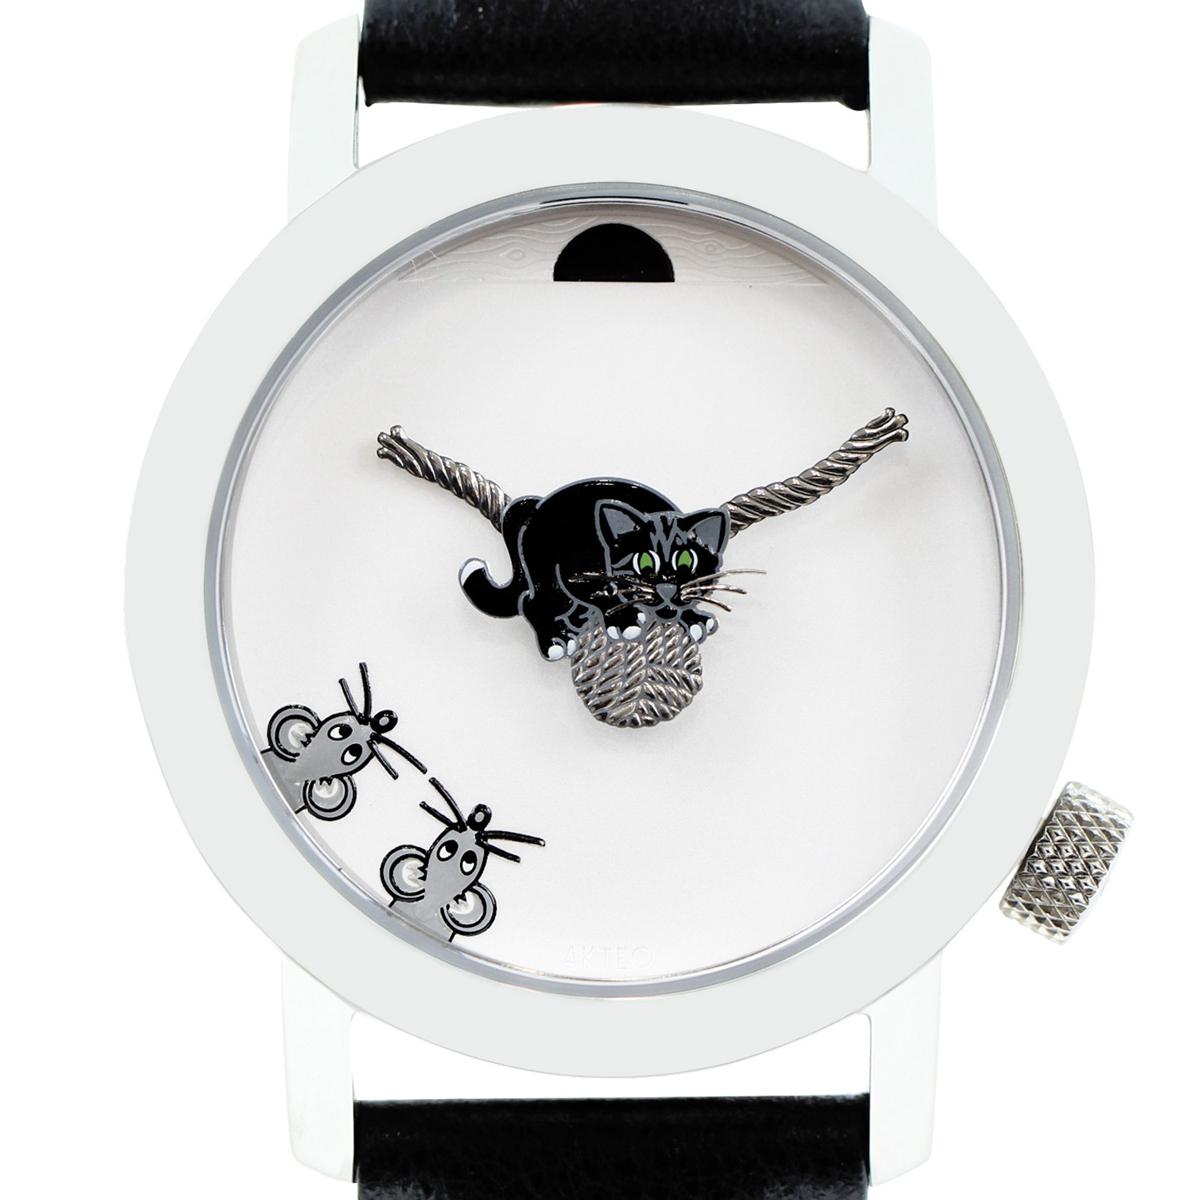 【全商品ポイント5倍】アクテオ AkTEO 腕時計 34mm BLACk CAT 時計 ブラック フランス製